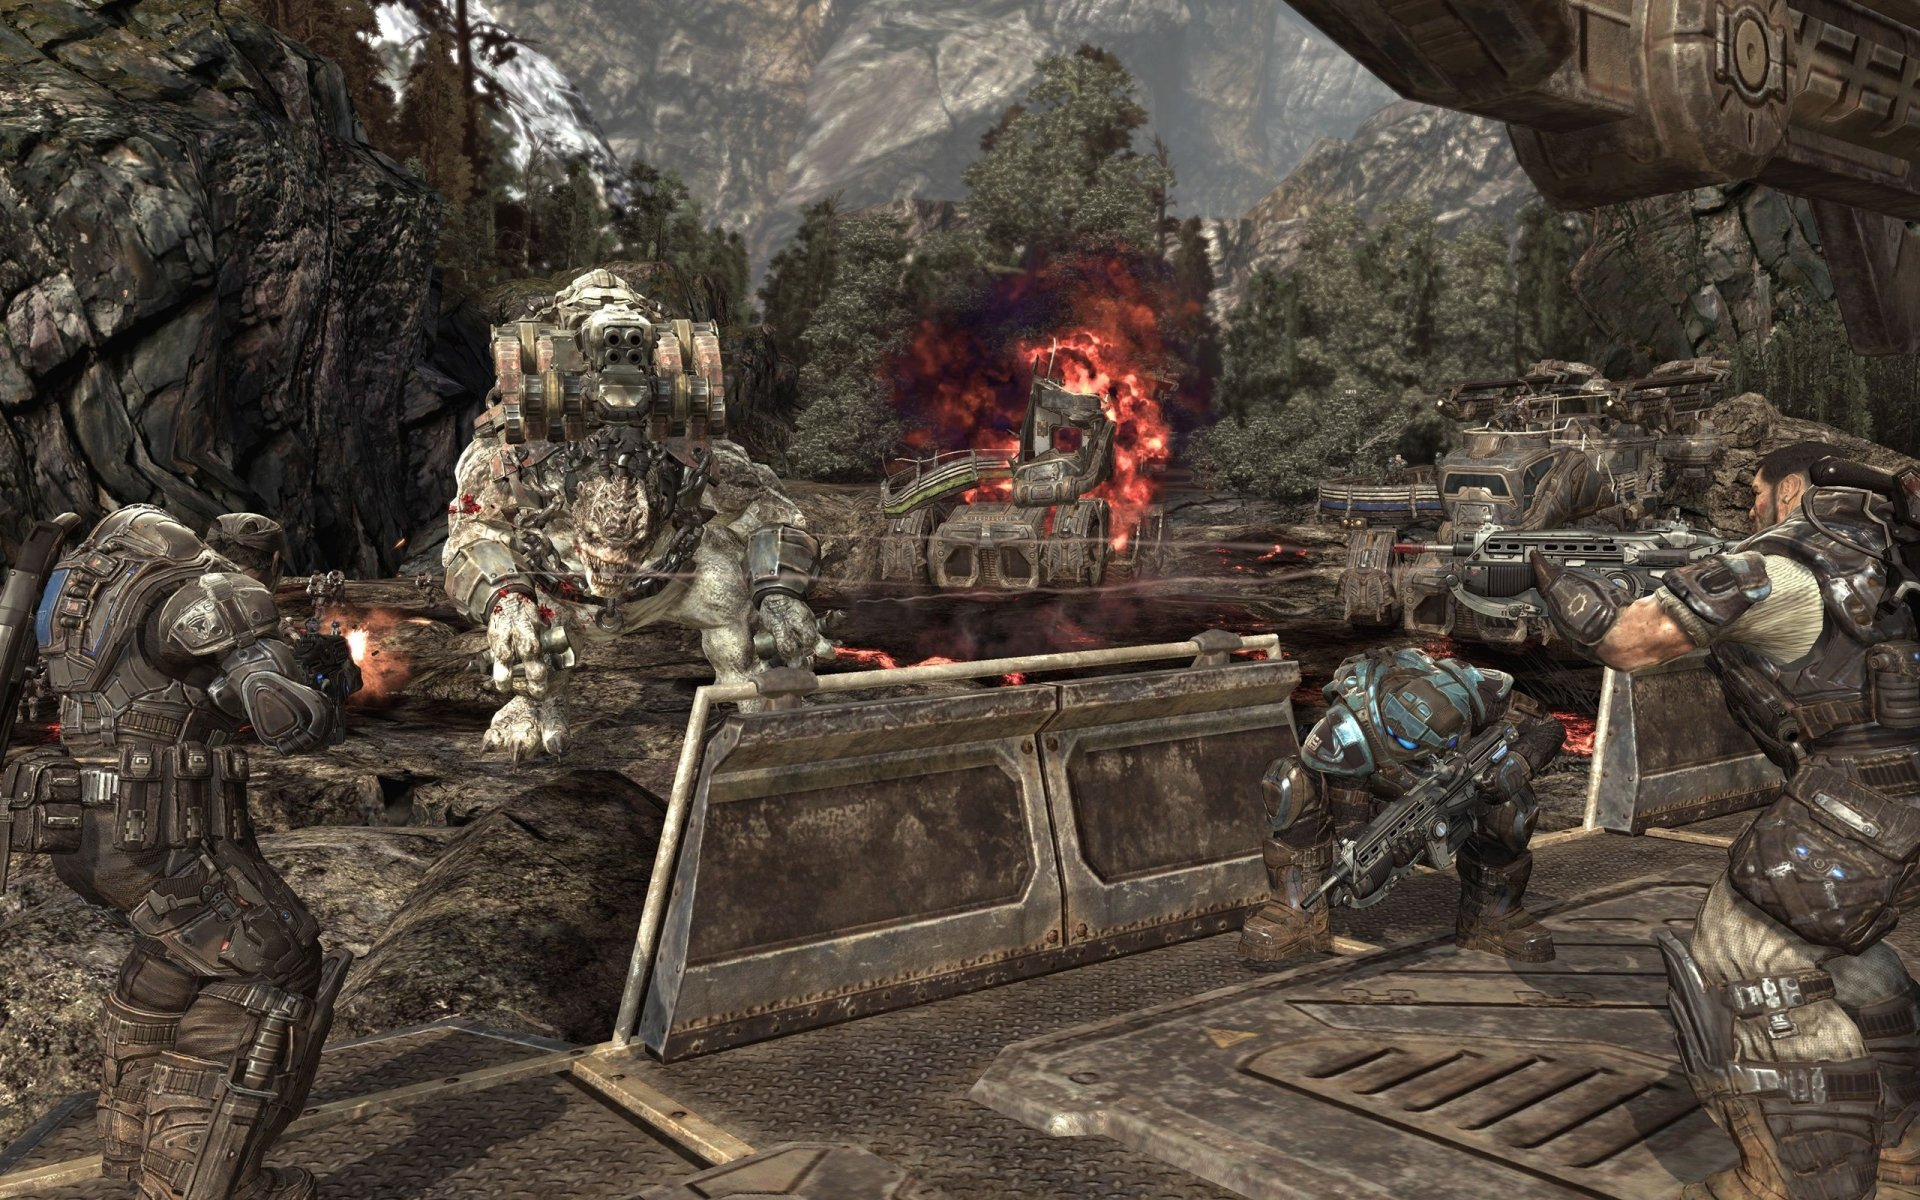 电子游戏 - 战争机器2  壁纸